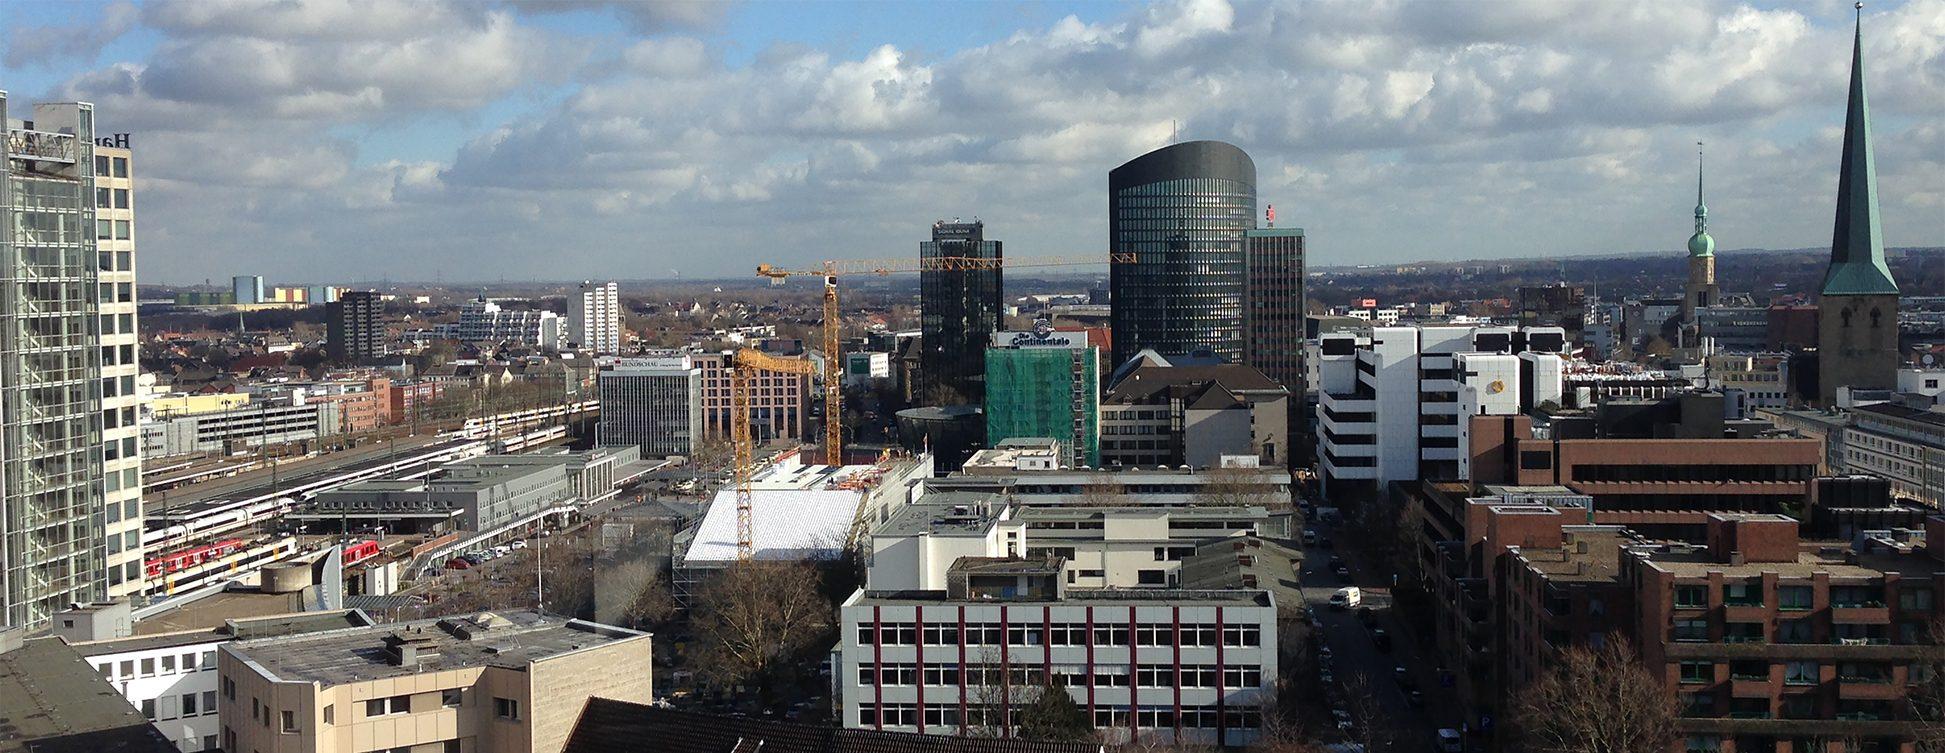 Η πόλη του Dortmund...